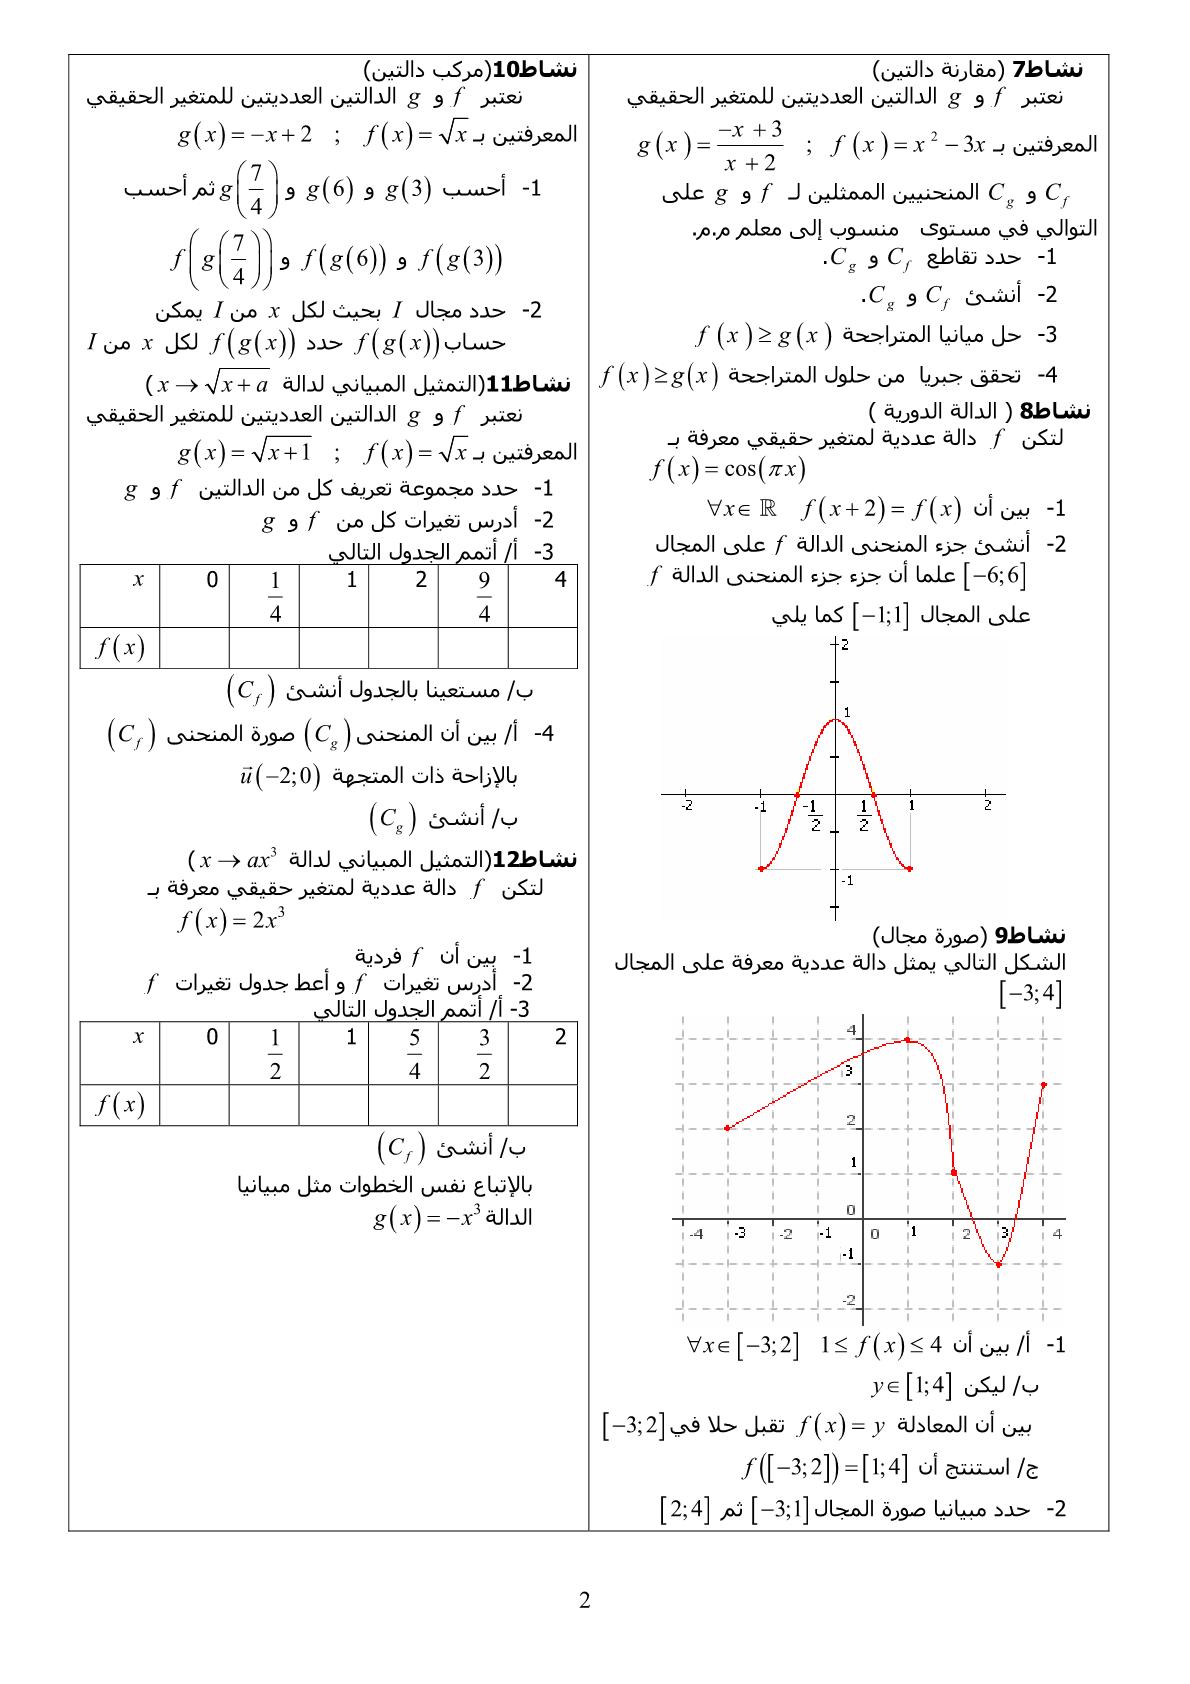 درس عموميات حول الدوال العددية الأولى باكالوريا علوم تجريبية